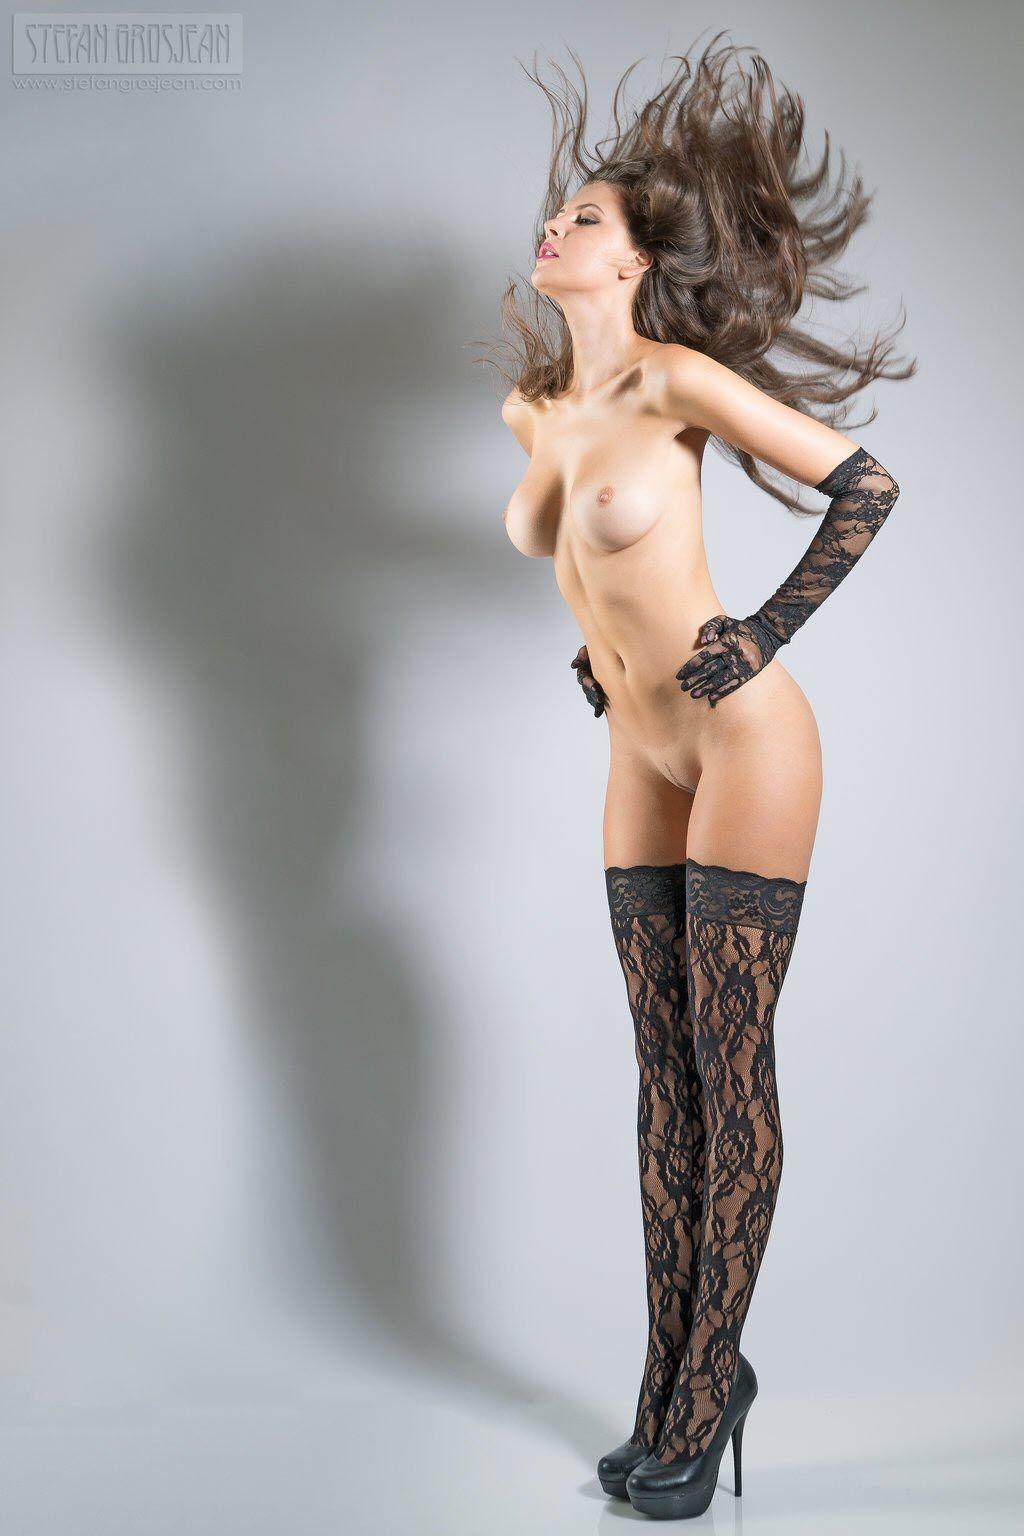 Чулки и колготки откровенно на голое тело 21 фотография